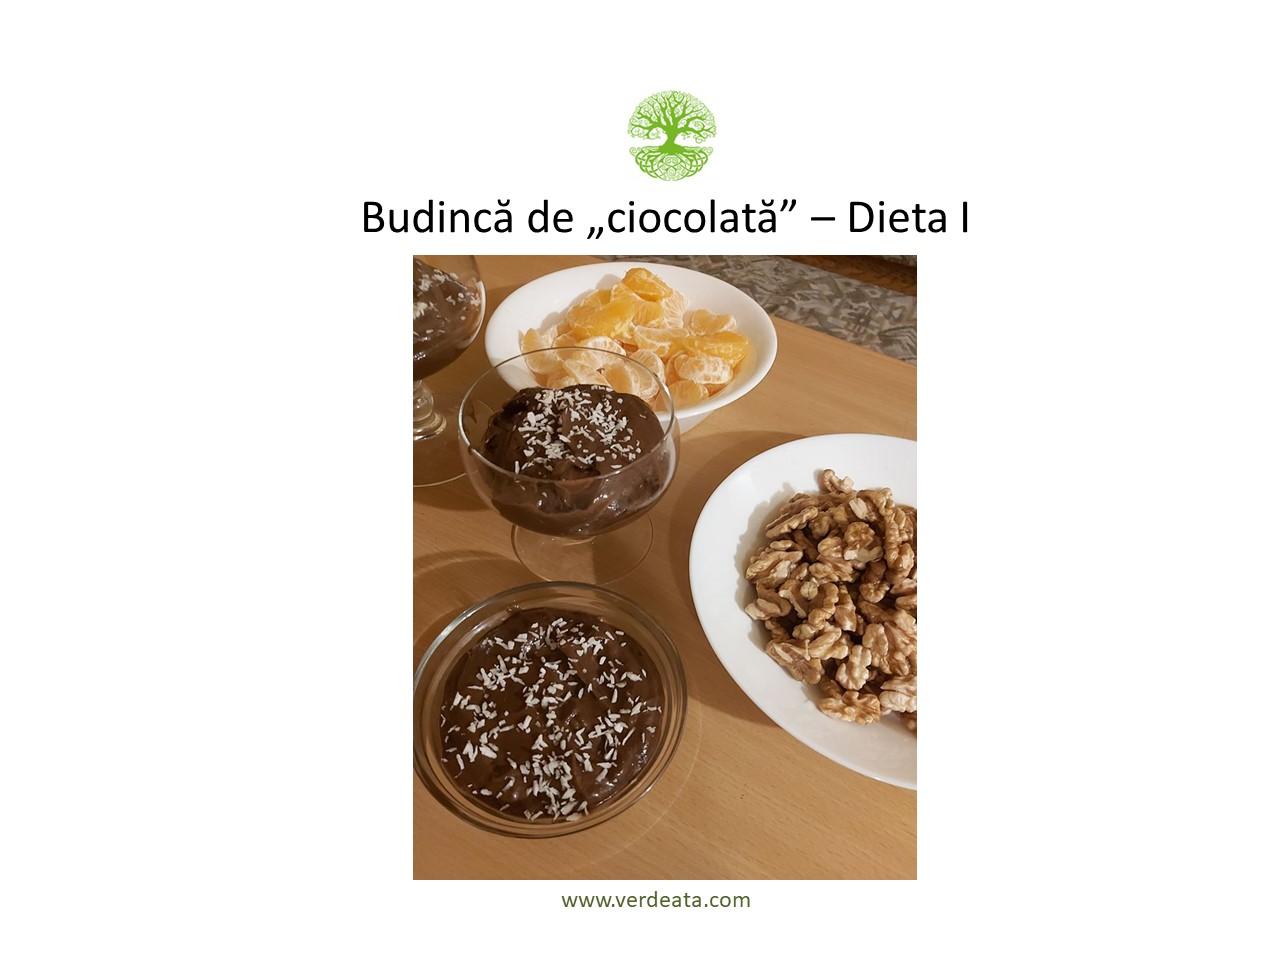 """Budinca de """"ciocolata"""" - Dieta I"""